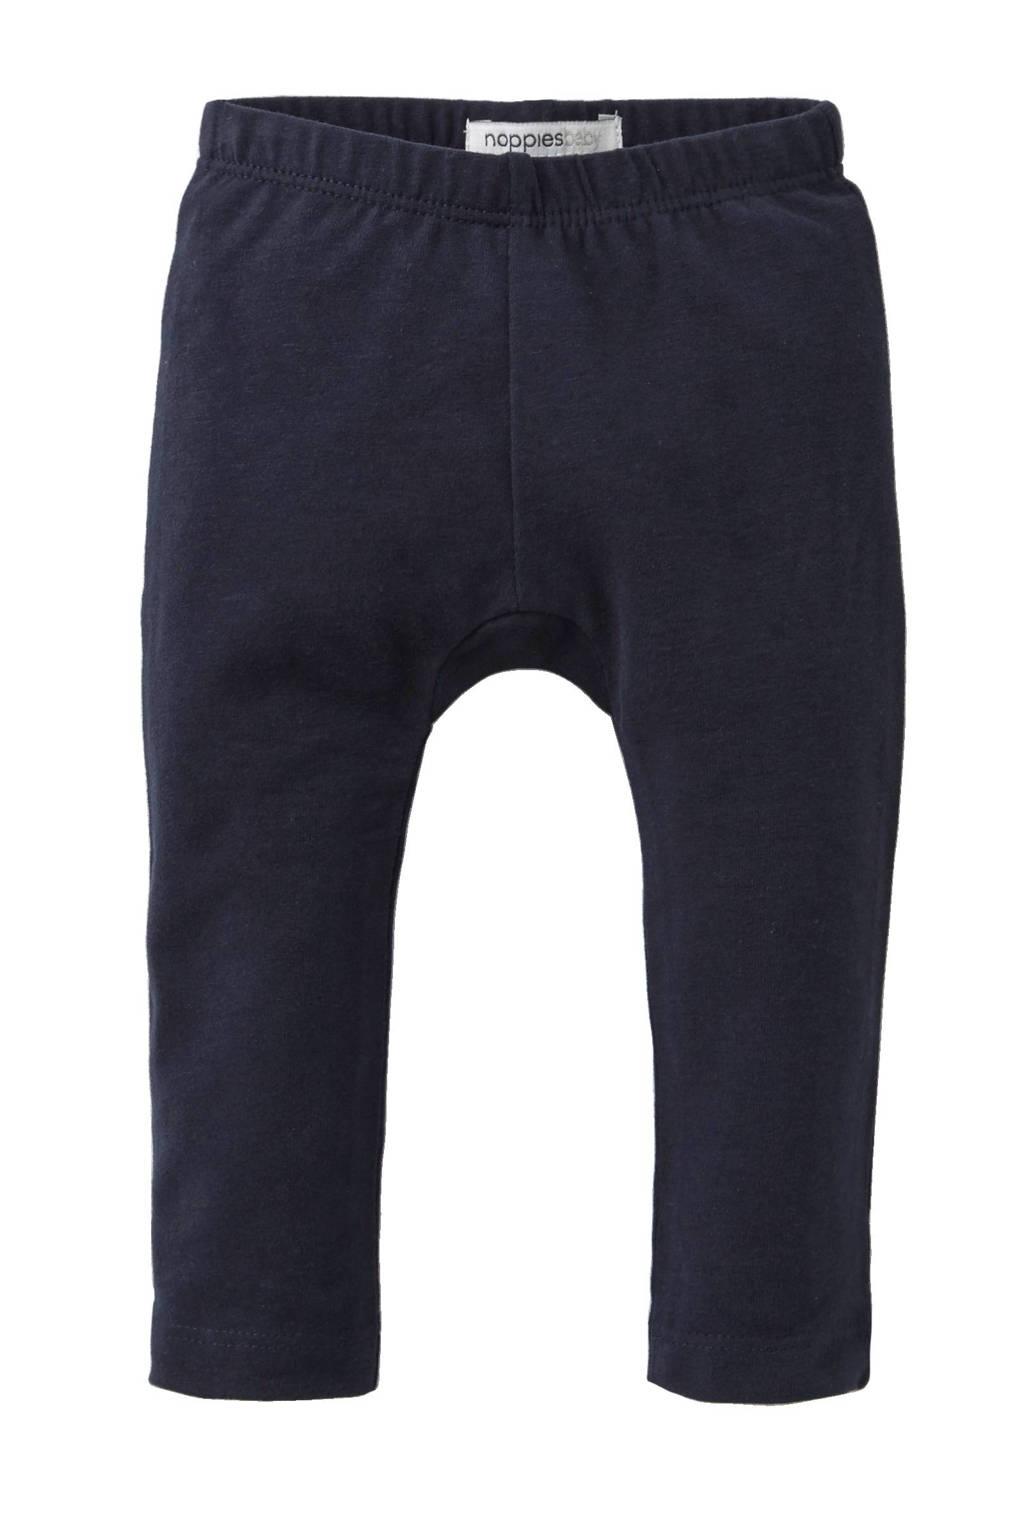 Noppies legging donkerblauw, Donkerblauw